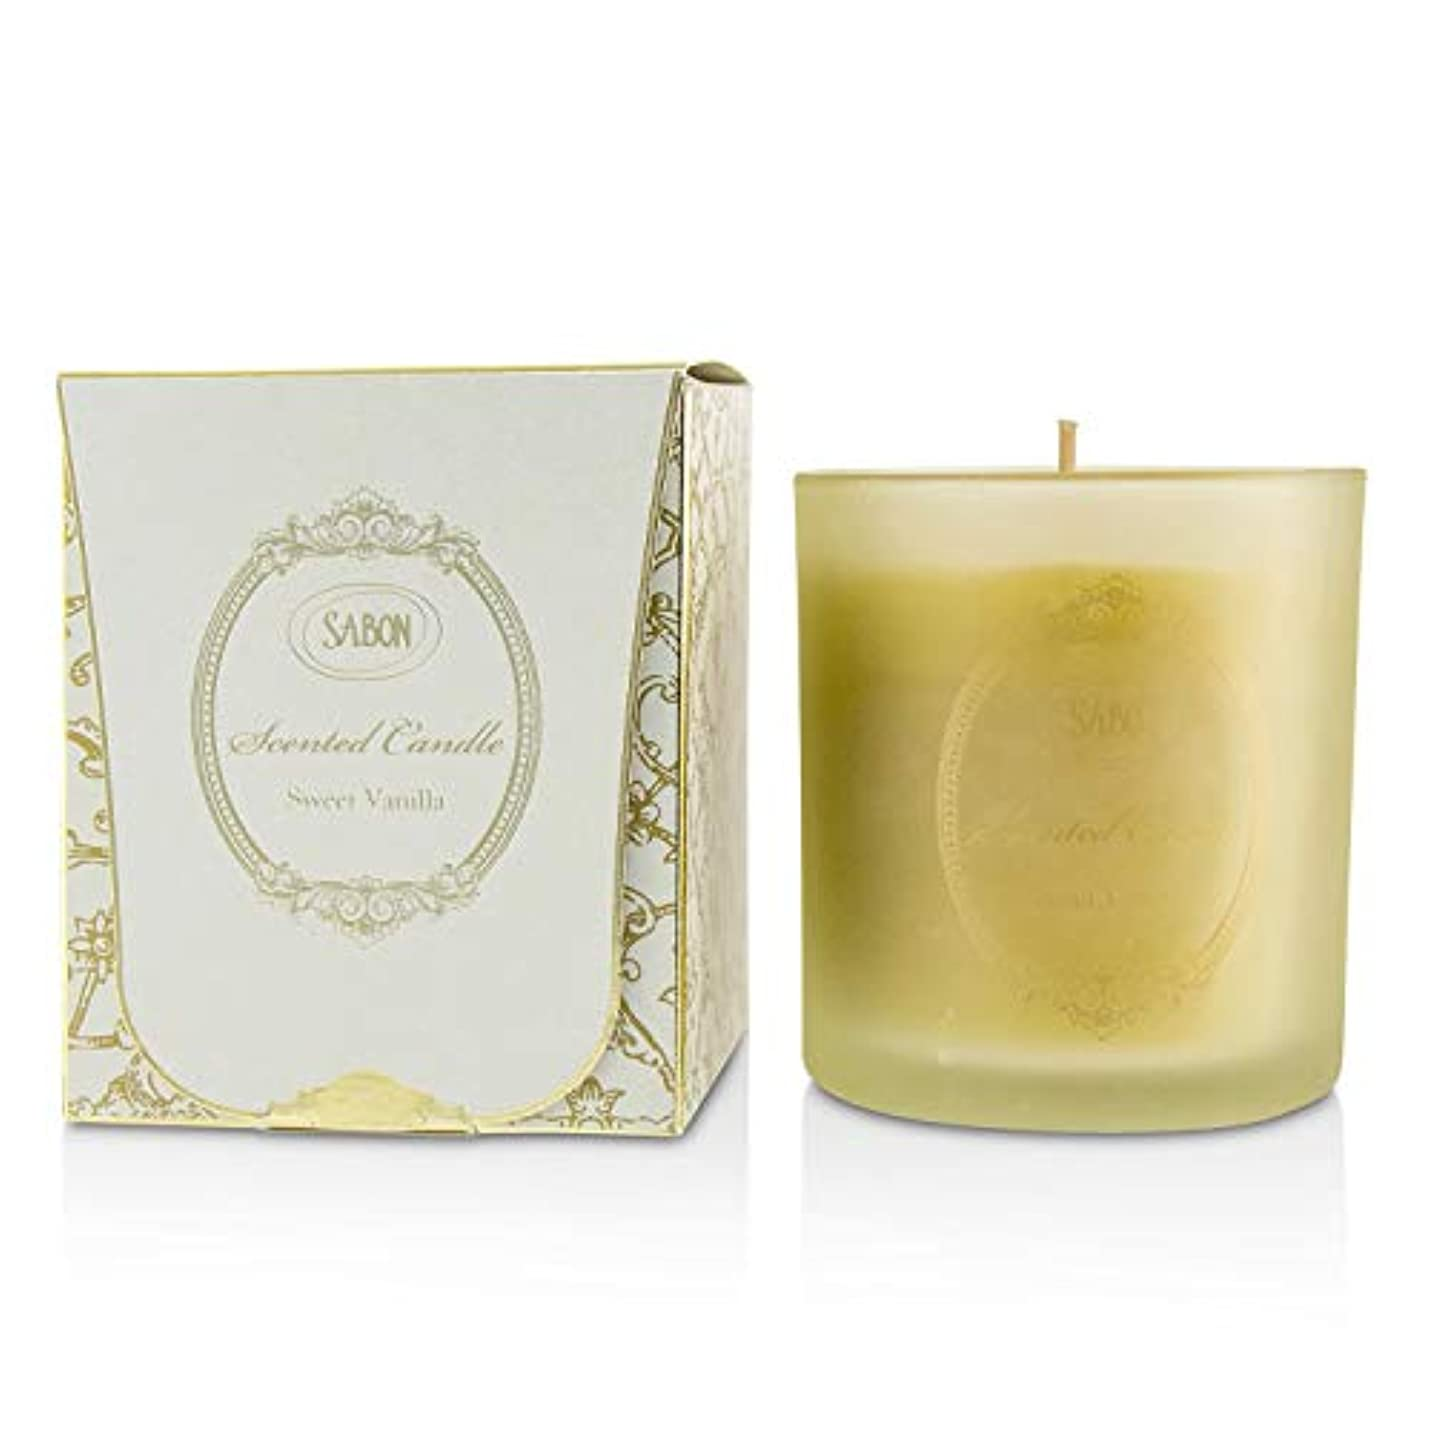 サボン Glass Candles - Sweet Vanilla 250ml/8.79oz並行輸入品